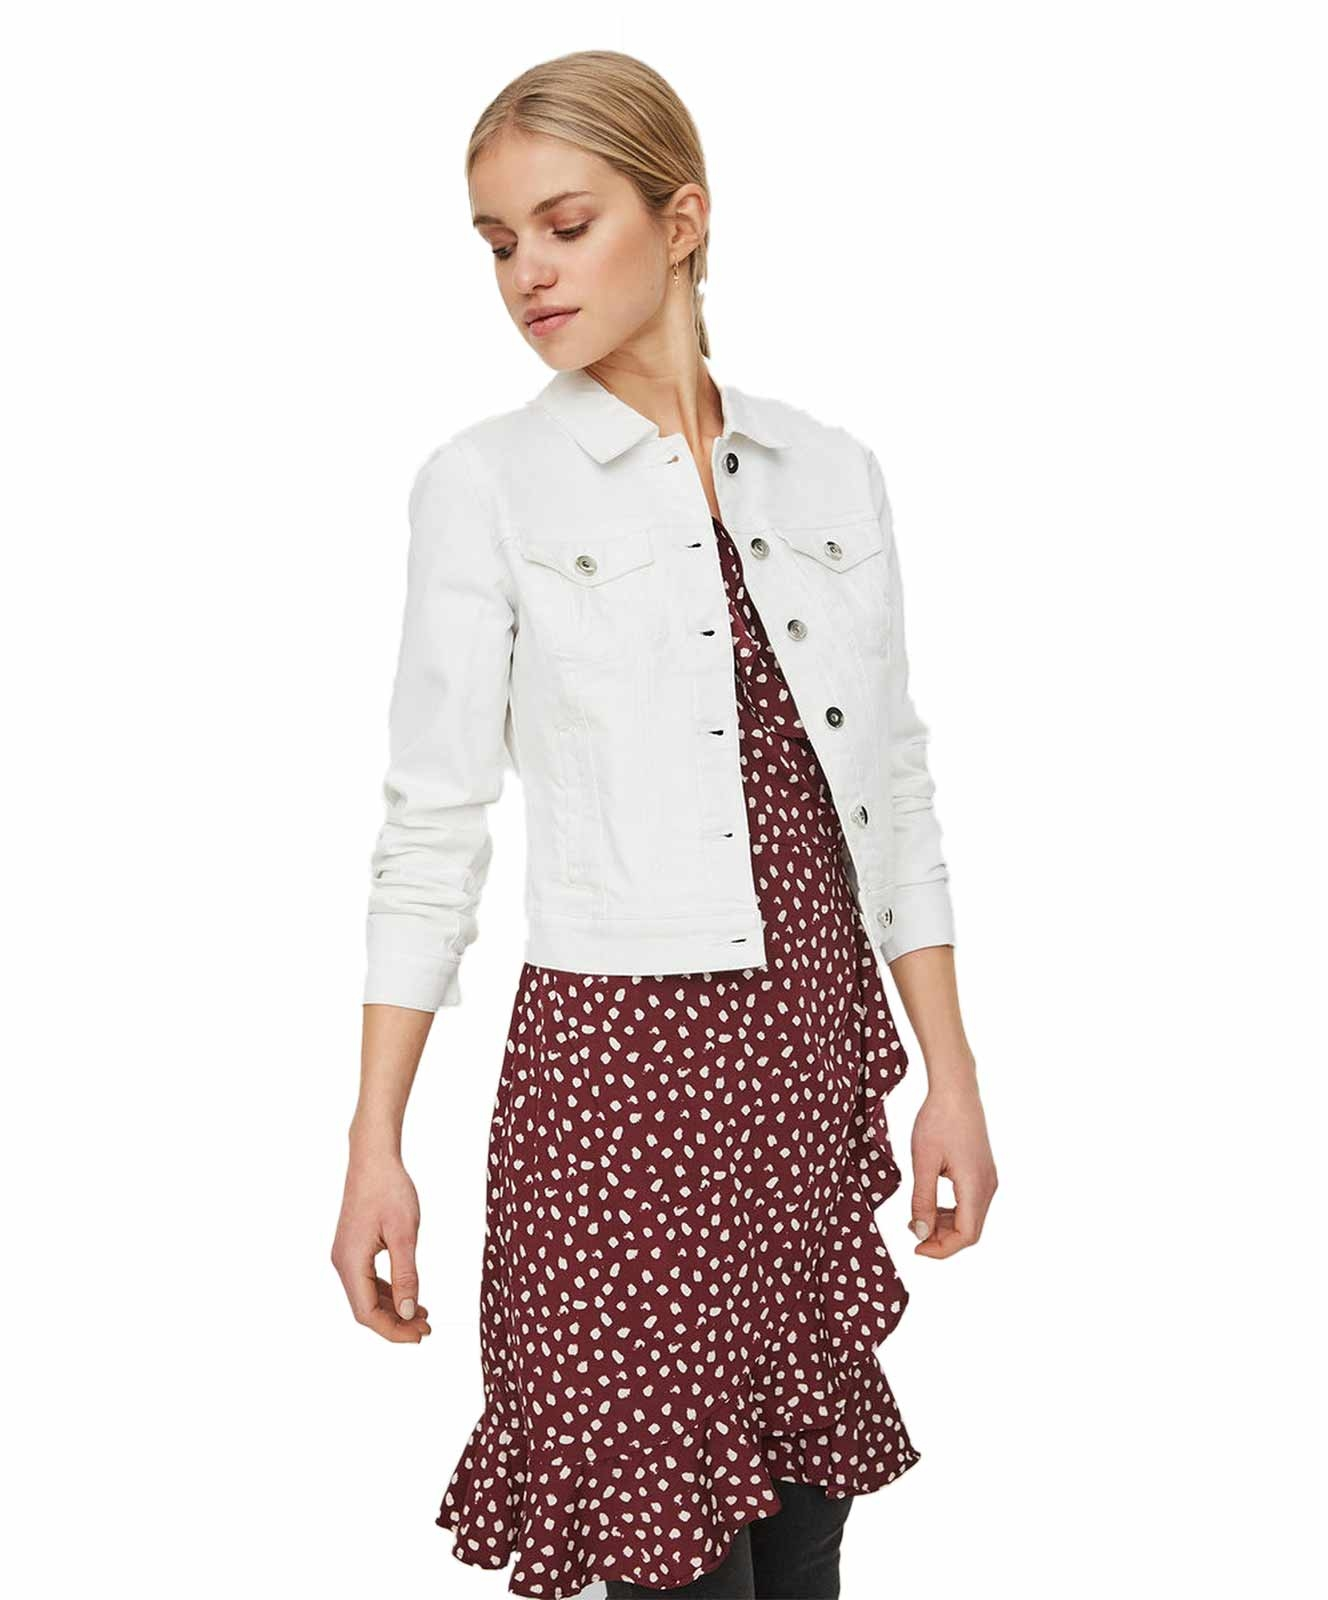 Weisse Jeansjacken Preisvergleich • Die besten Angebote online kaufen 5ca3fc330d